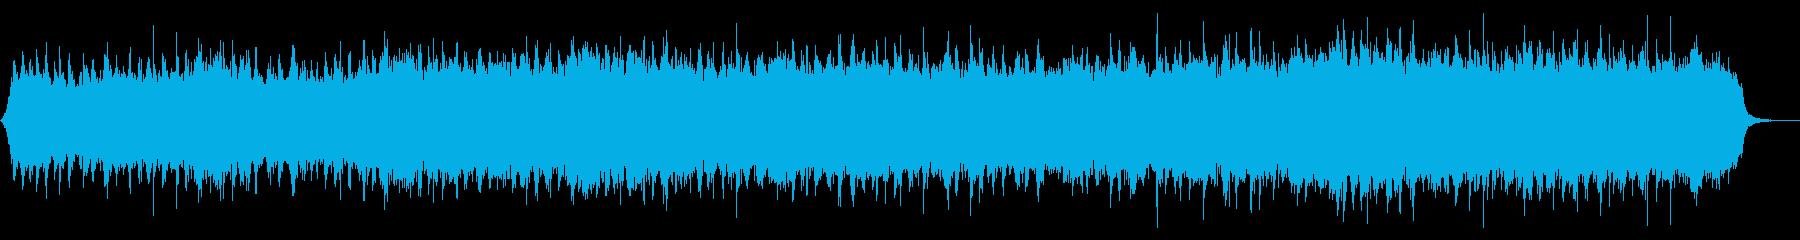 雄大なストリングスオーケストラ/表彰式の再生済みの波形